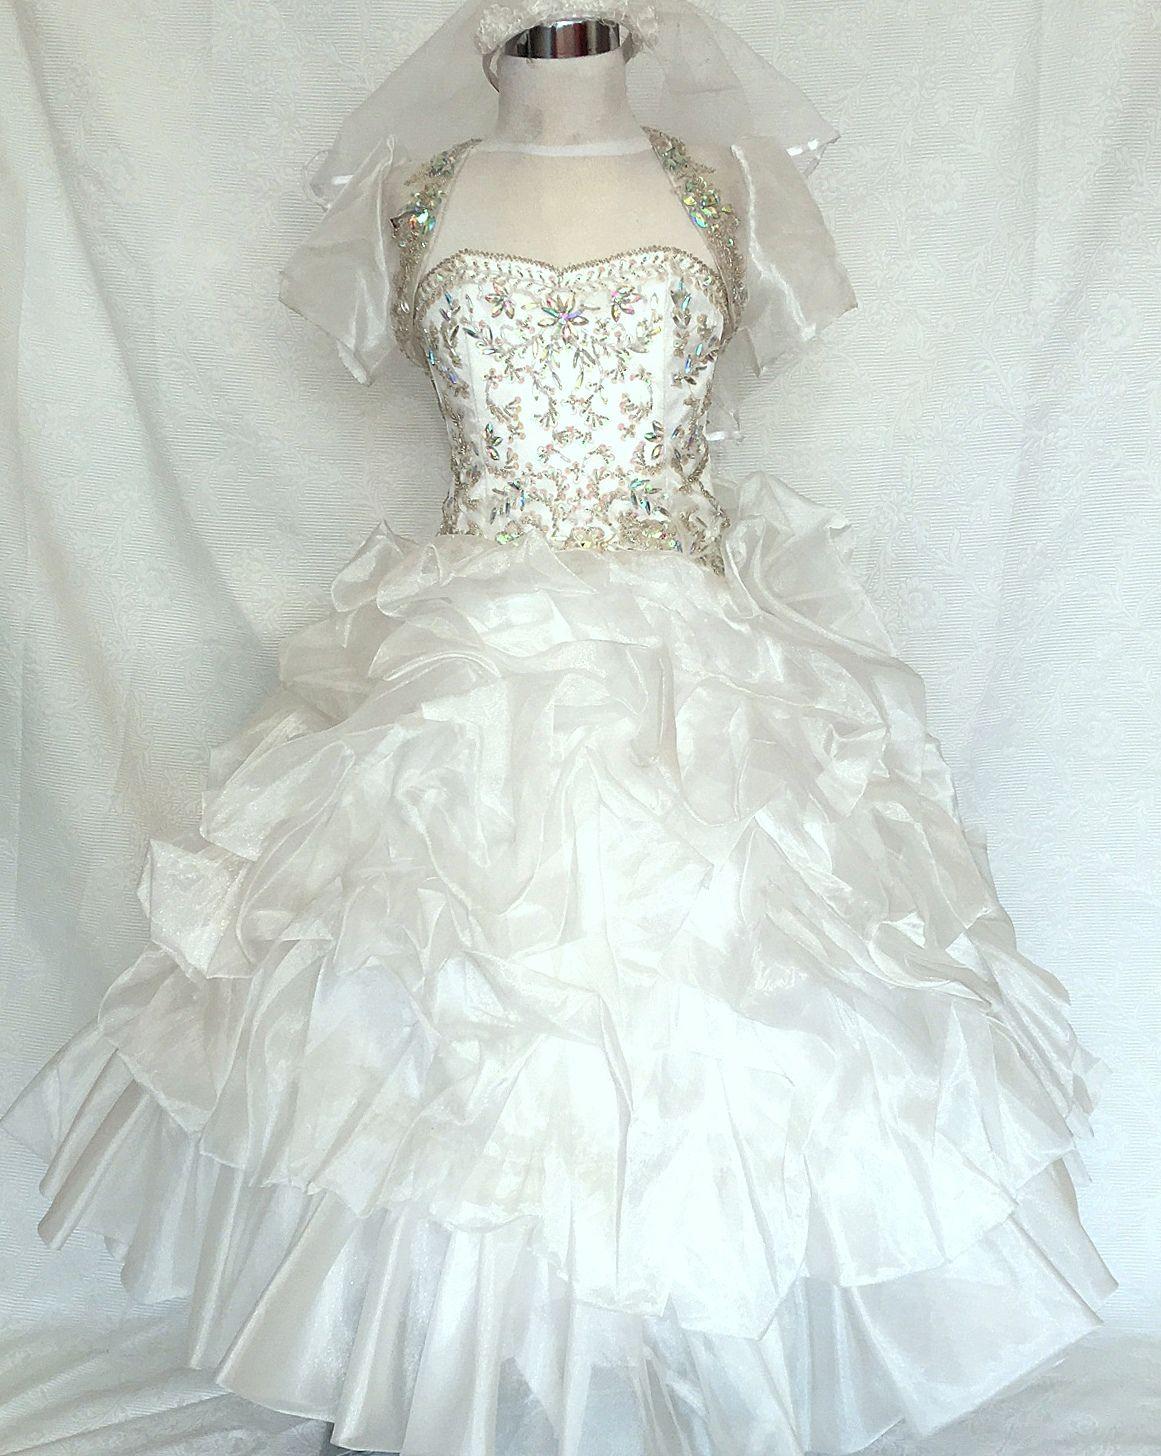 Koszorúslány ruha KO 010 : swarovski kristályokkal díszített gyönyörű hercegnő ruha alkalomra